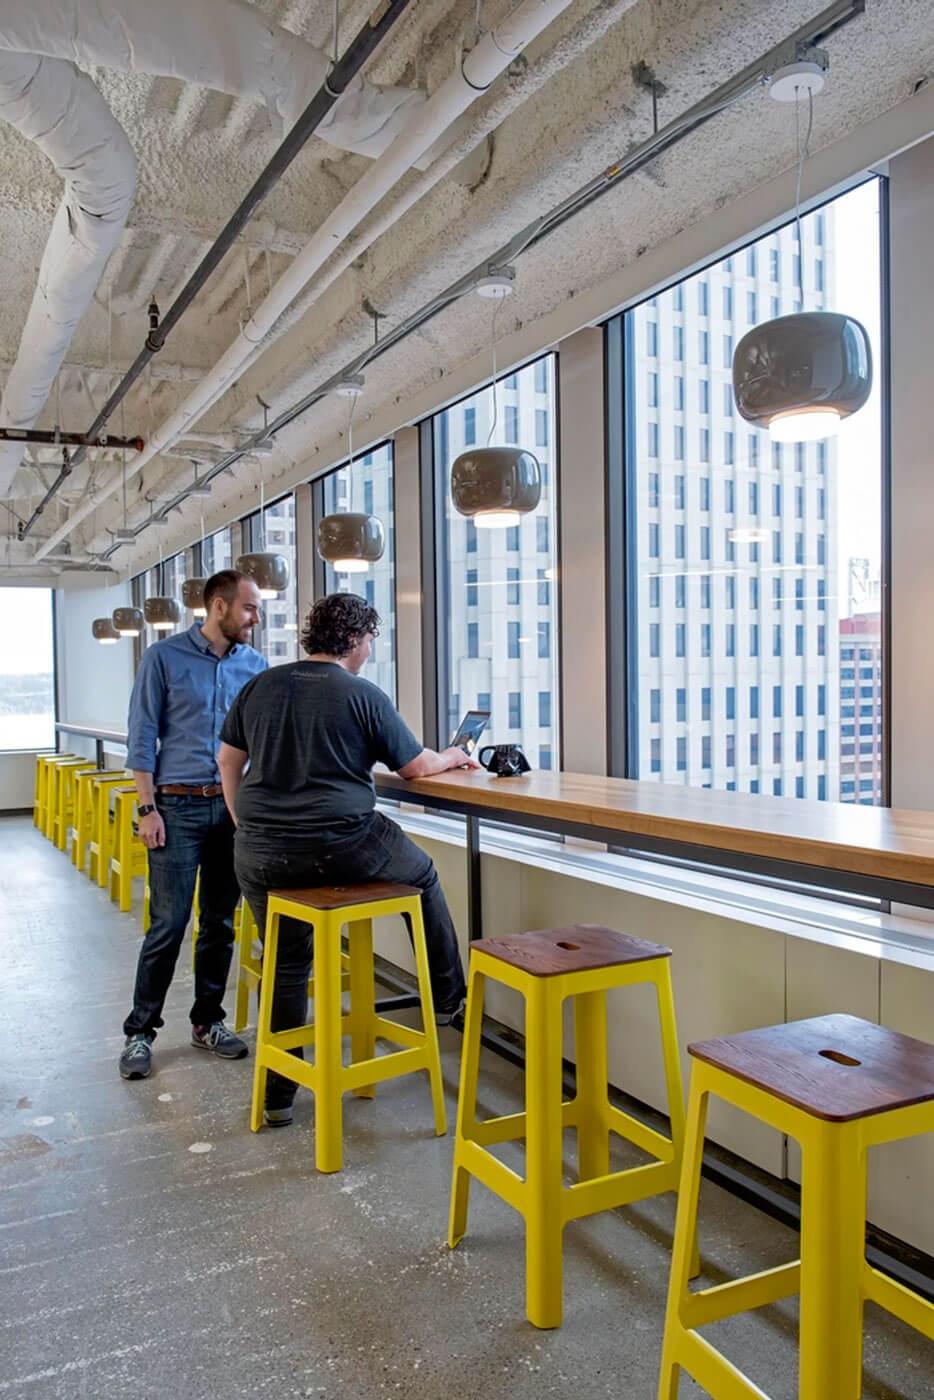 12 เทคนิคตกแต่งออฟฟิศเล็กให้ดูใหญ่ ถูกใจ SME และ home office 46 - Co-Working Space